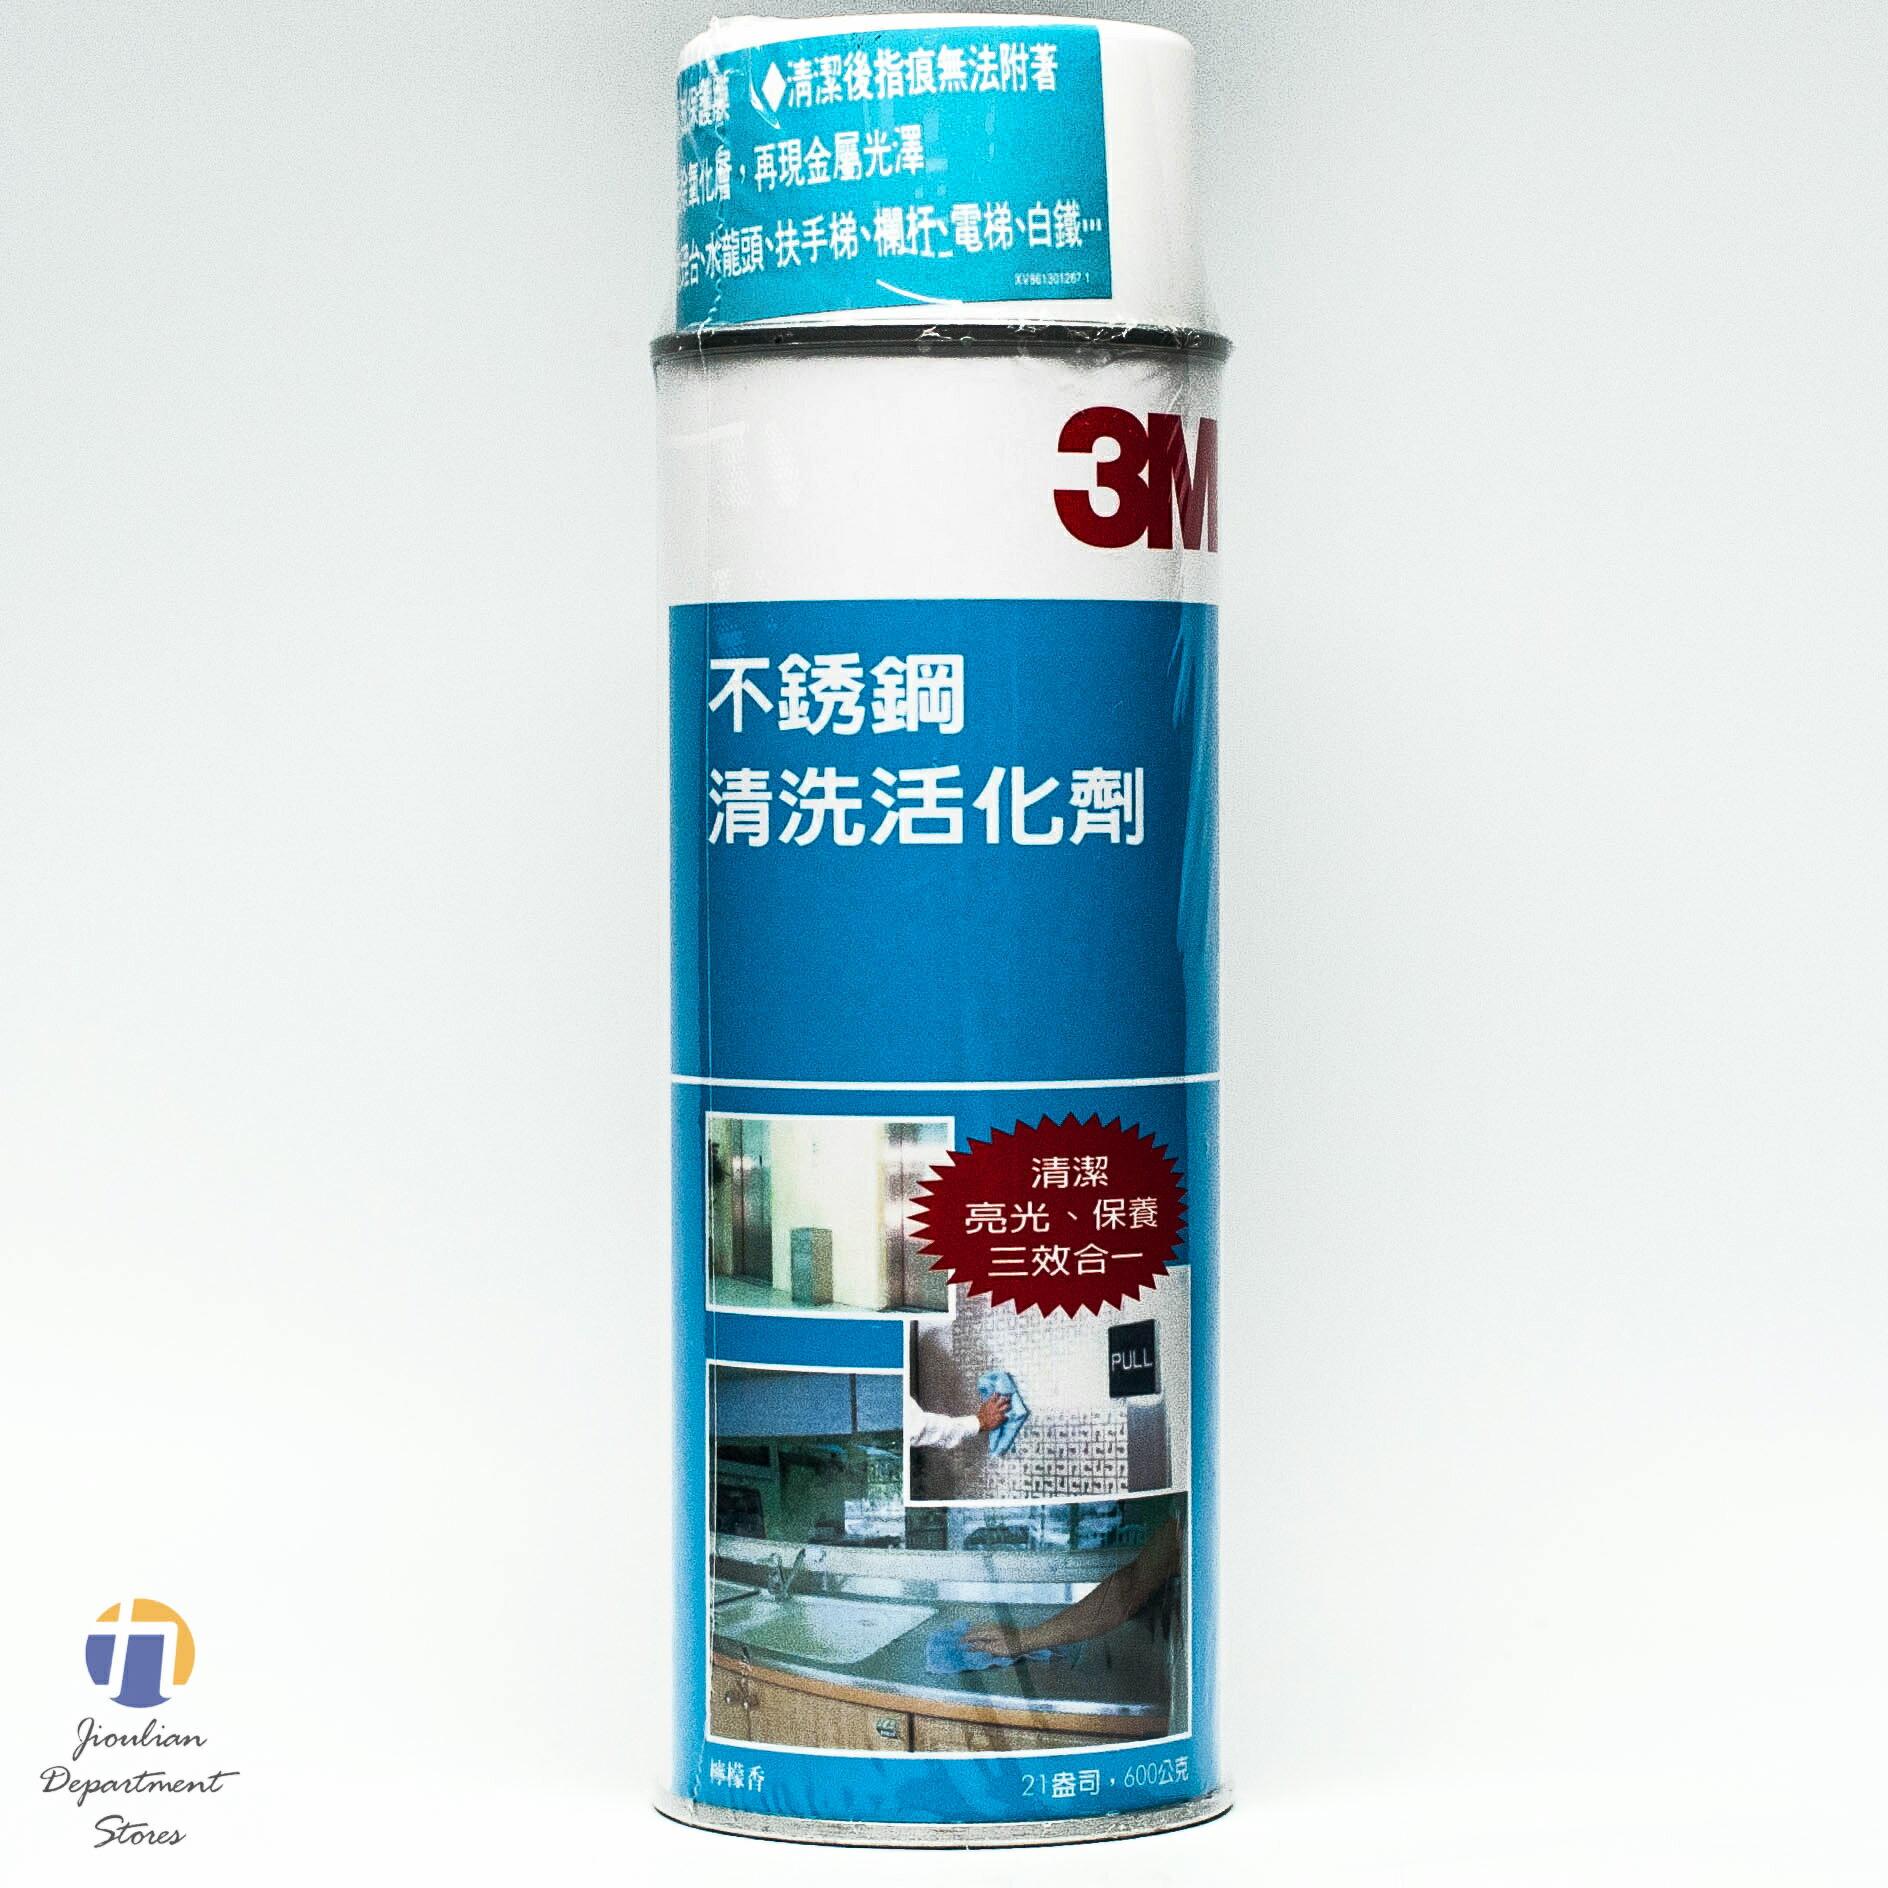 {九聯百貨} 3M 不鏽鋼清洗活化劑 600g